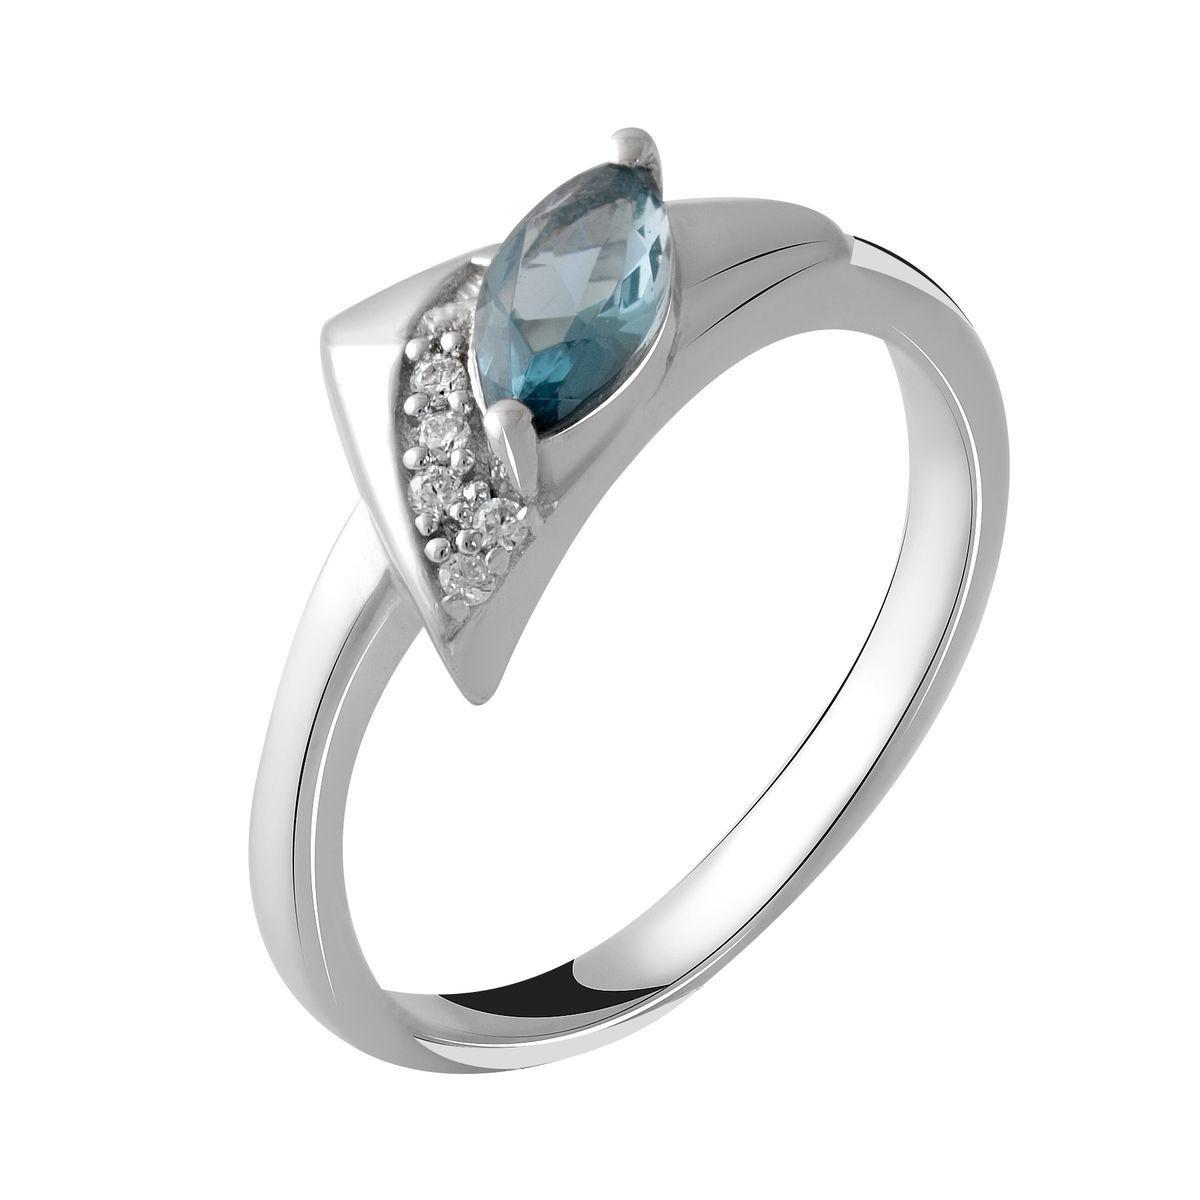 Серебряное кольцо DreamJewelry с натуральным топазом Лондон Блю 0.45ct (2049036) 18 размер